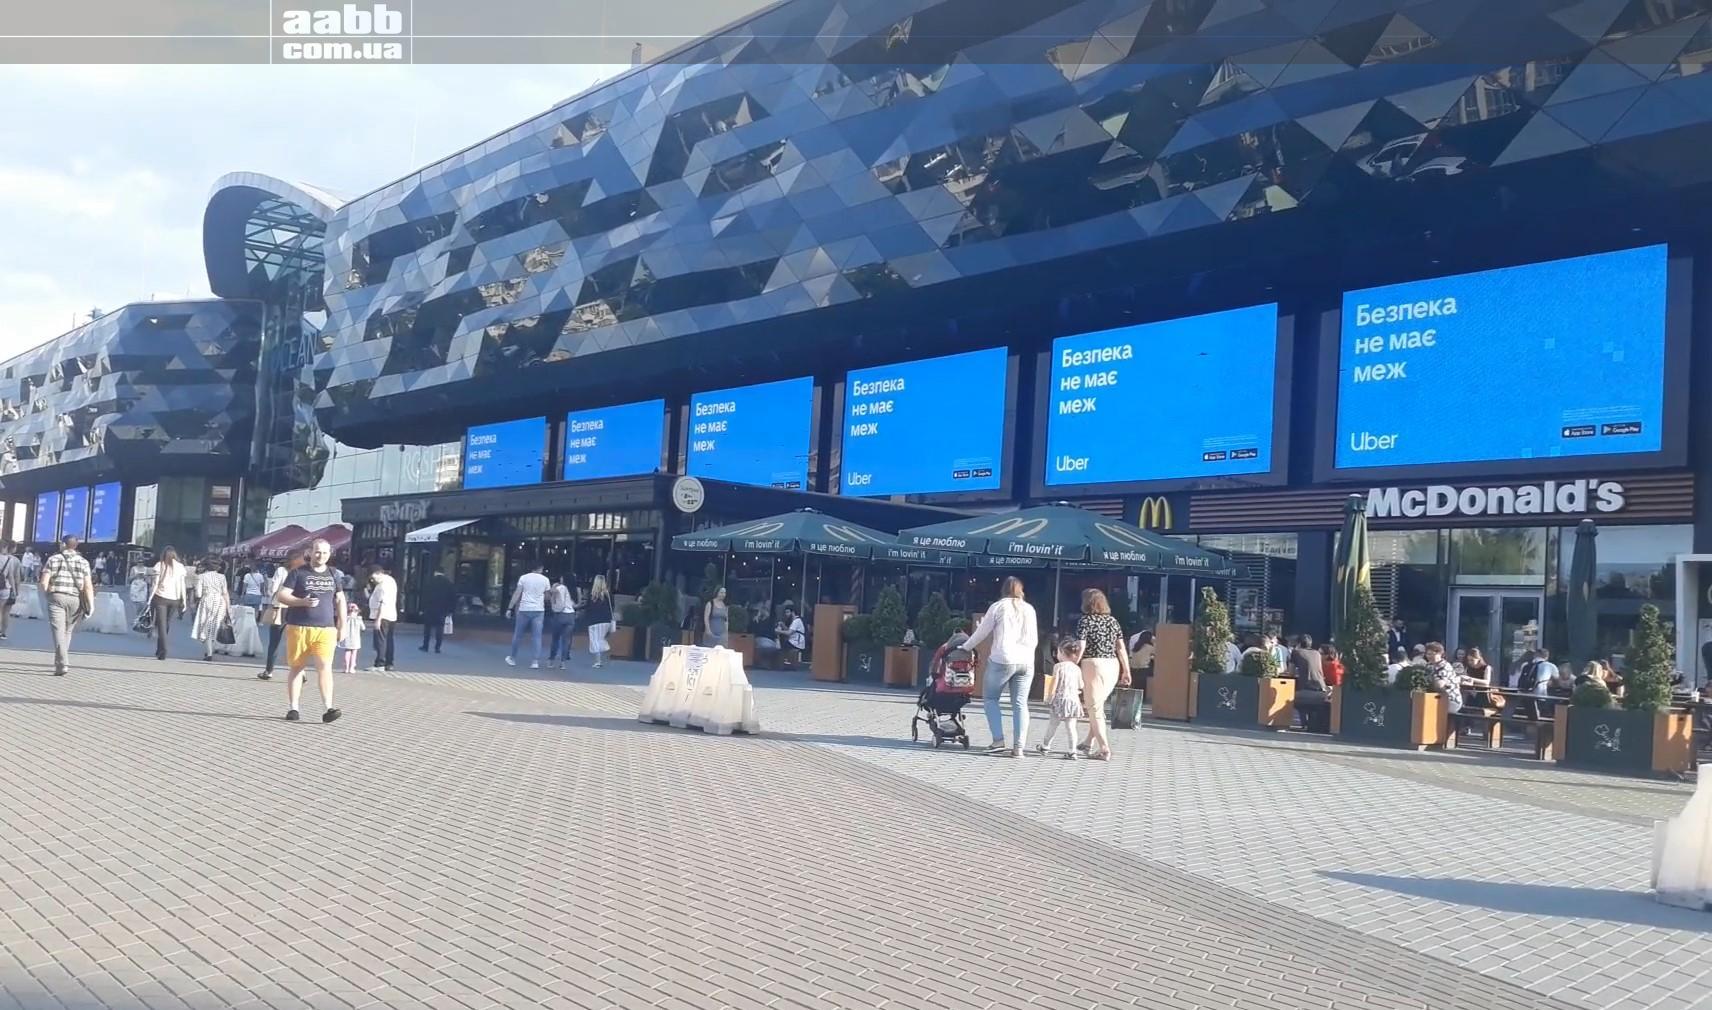 Advertising on the Ocean Plaza sm. media facade (June 2019)